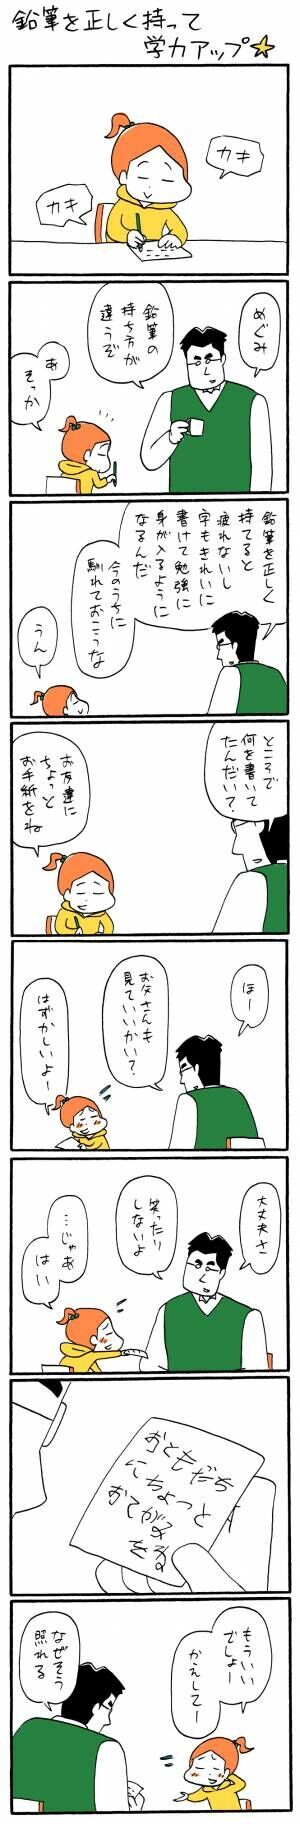 「鉛筆を正しく持って学力アップ☆」ゆるクス漫画家 木下晋也のマンガ Ready Study Go!【第24回】